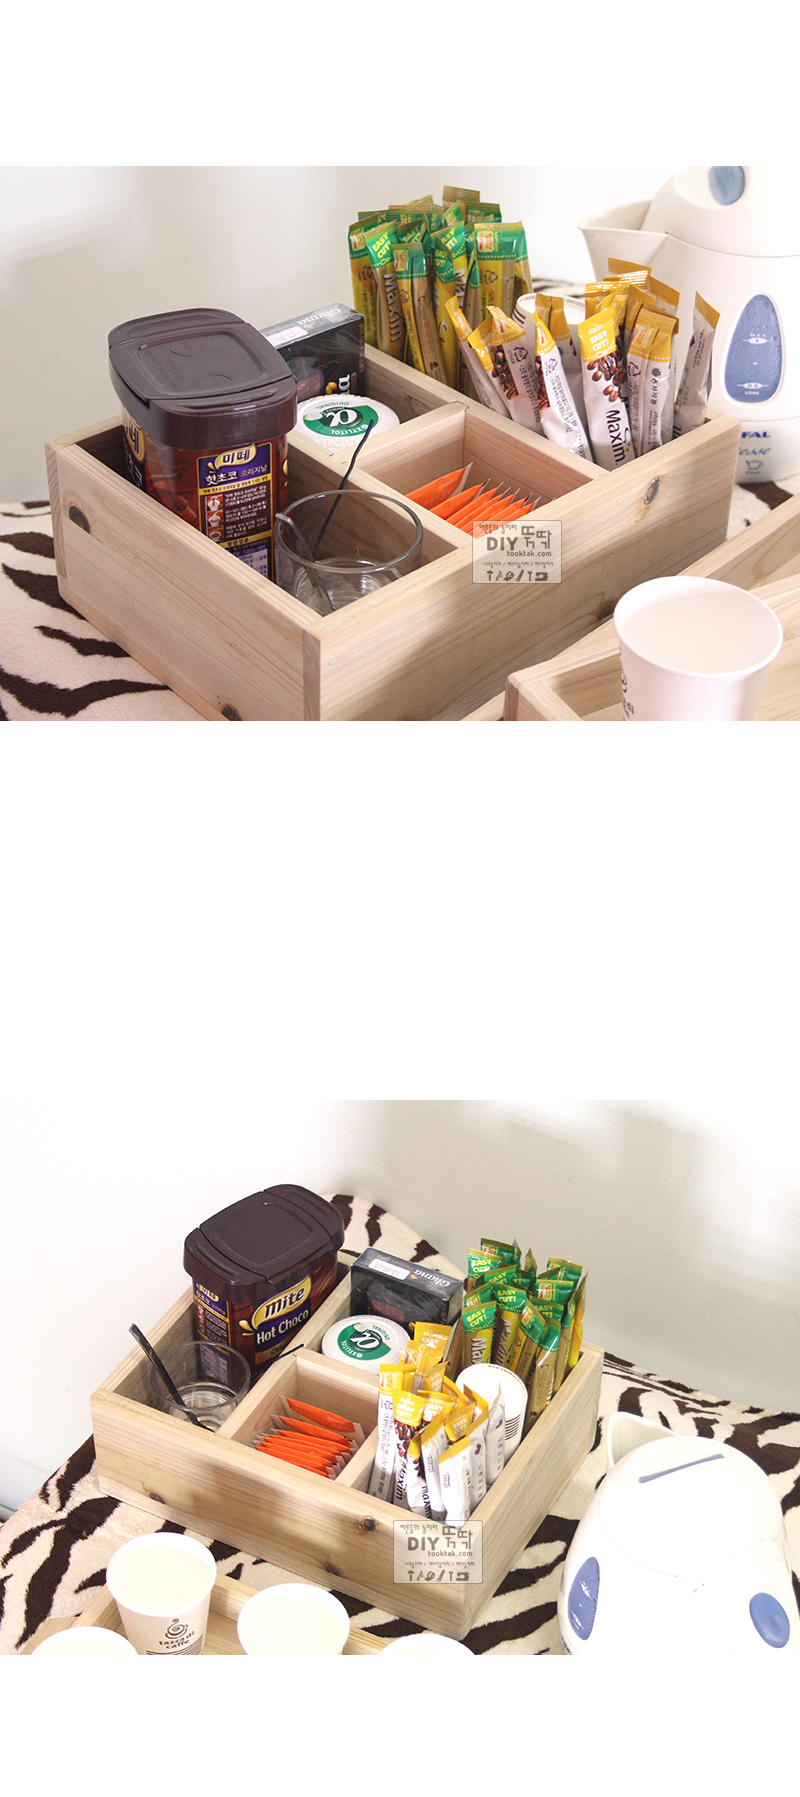 원목 커피 티박스 차정리함 티정리함 커피박스 커피트레이19,000원-박스인쿠키생활/패브릭, 주방정리, 주방수납/정리, 브레드박스/수납박스바보사랑원목 커피 티박스 차정리함 티정리함 커피박스 커피트레이19,000원-박스인쿠키생활/패브릭, 주방정리, 주방수납/정리, 브레드박스/수납박스바보사랑